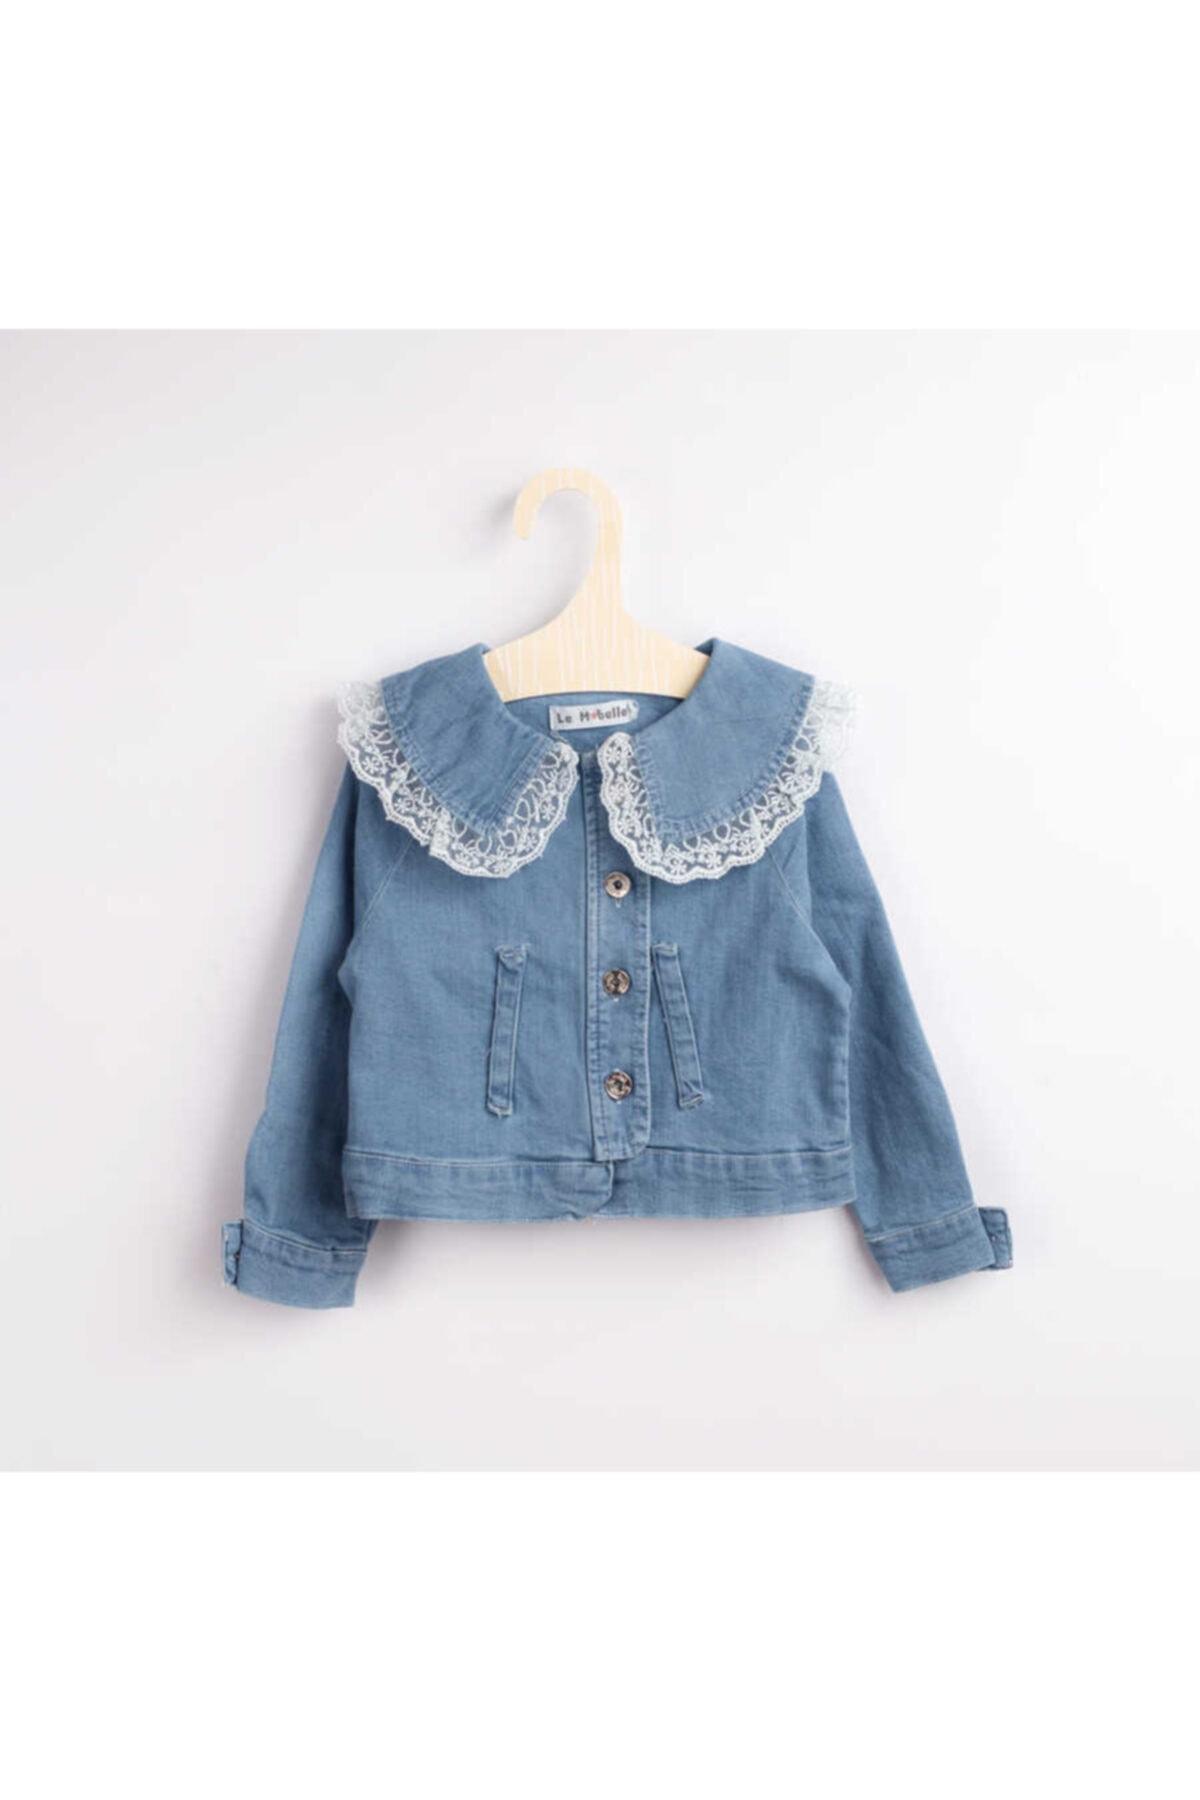 ژاکت دخترانه فروشگاه اینترنتی برند Le Mabelle رنگ آبی کد ty107173799